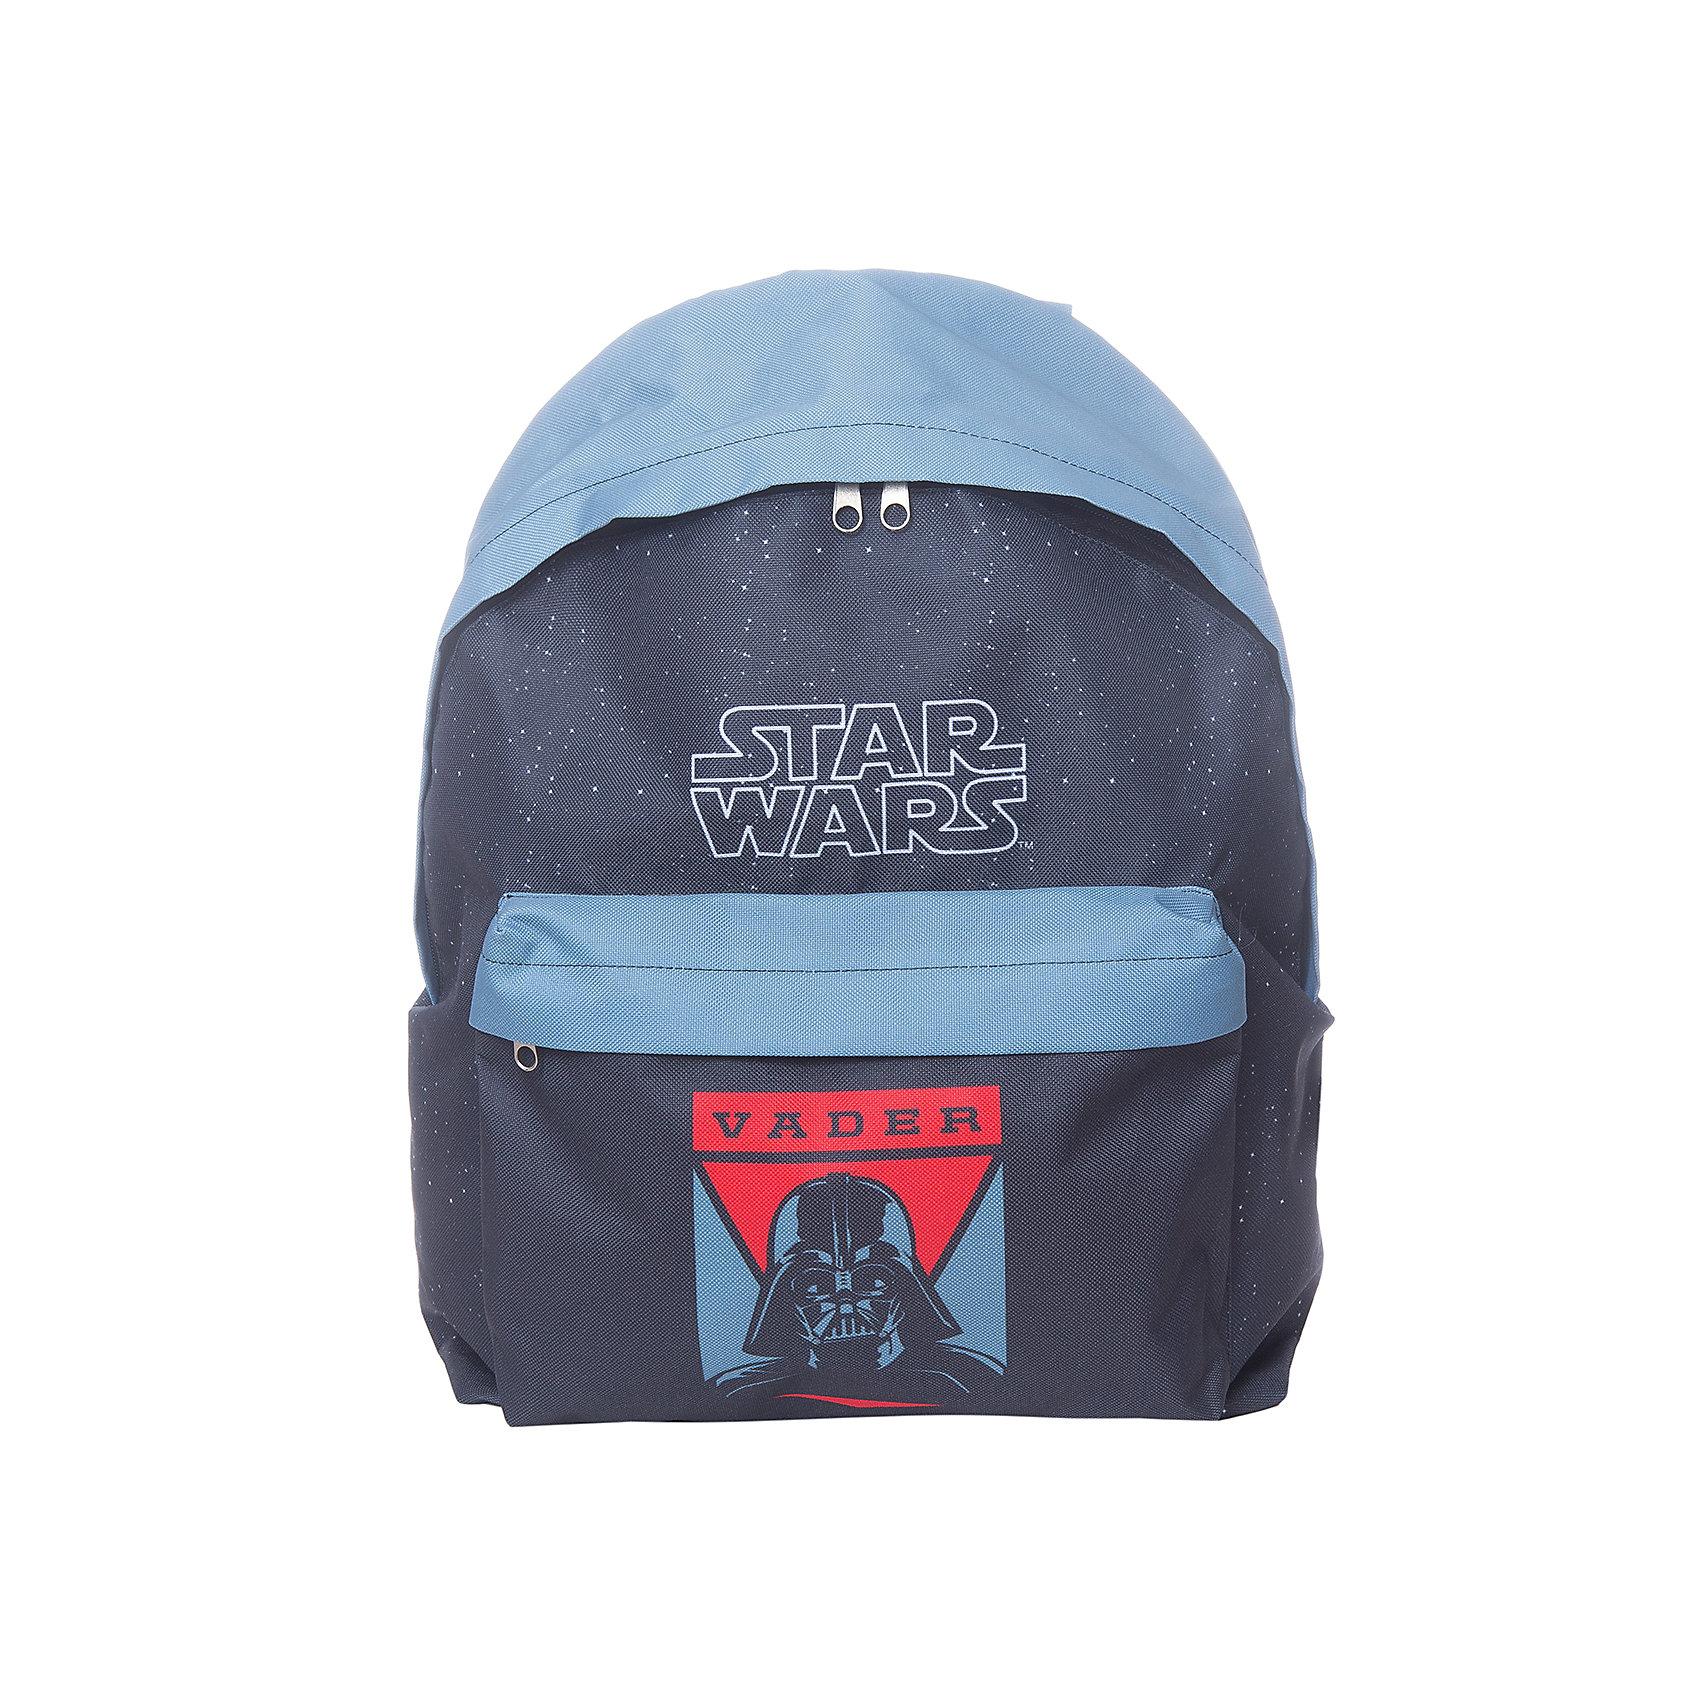 Рюкзак молодежный Star WarsЗвездные войны Рюкзаки, ранцы и сумки<br>Характеристики товара:<br><br>• серия: Star Wars;<br>• материал: полиэстер;<br>• размер: 40х30х15 см;<br>• уплотненная спинка для ровной осанки;<br>• мягкие регулируемые лямки для комфортной носки и  распределения веса;<br>• водонепроницаемый материал для защиты от влаги и загрязнений;<br>• стойкие к выгоранию на солнце краски;<br>• ручка-петля для переноски и подвешивания;<br>• большой передний карман на молнии;<br>• страна изготовитель: Китай;<br>• страна бренда: Германия.<br><br>Рюкзак молодежный ErichKrause EasyGo - практичный и легкий рюкзак для подростков, который подойдет для занятий спортом, для прогулок, повседневной носки. <br><br>Рюкзак спортивный Star Wars можно купить в нашем интернет-магазине.<br><br>Ширина мм: 400<br>Глубина мм: 390<br>Высота мм: 180<br>Вес г: 348<br>Возраст от месяцев: 132<br>Возраст до месяцев: 168<br>Пол: Мужской<br>Возраст: Детский<br>SKU: 6842717